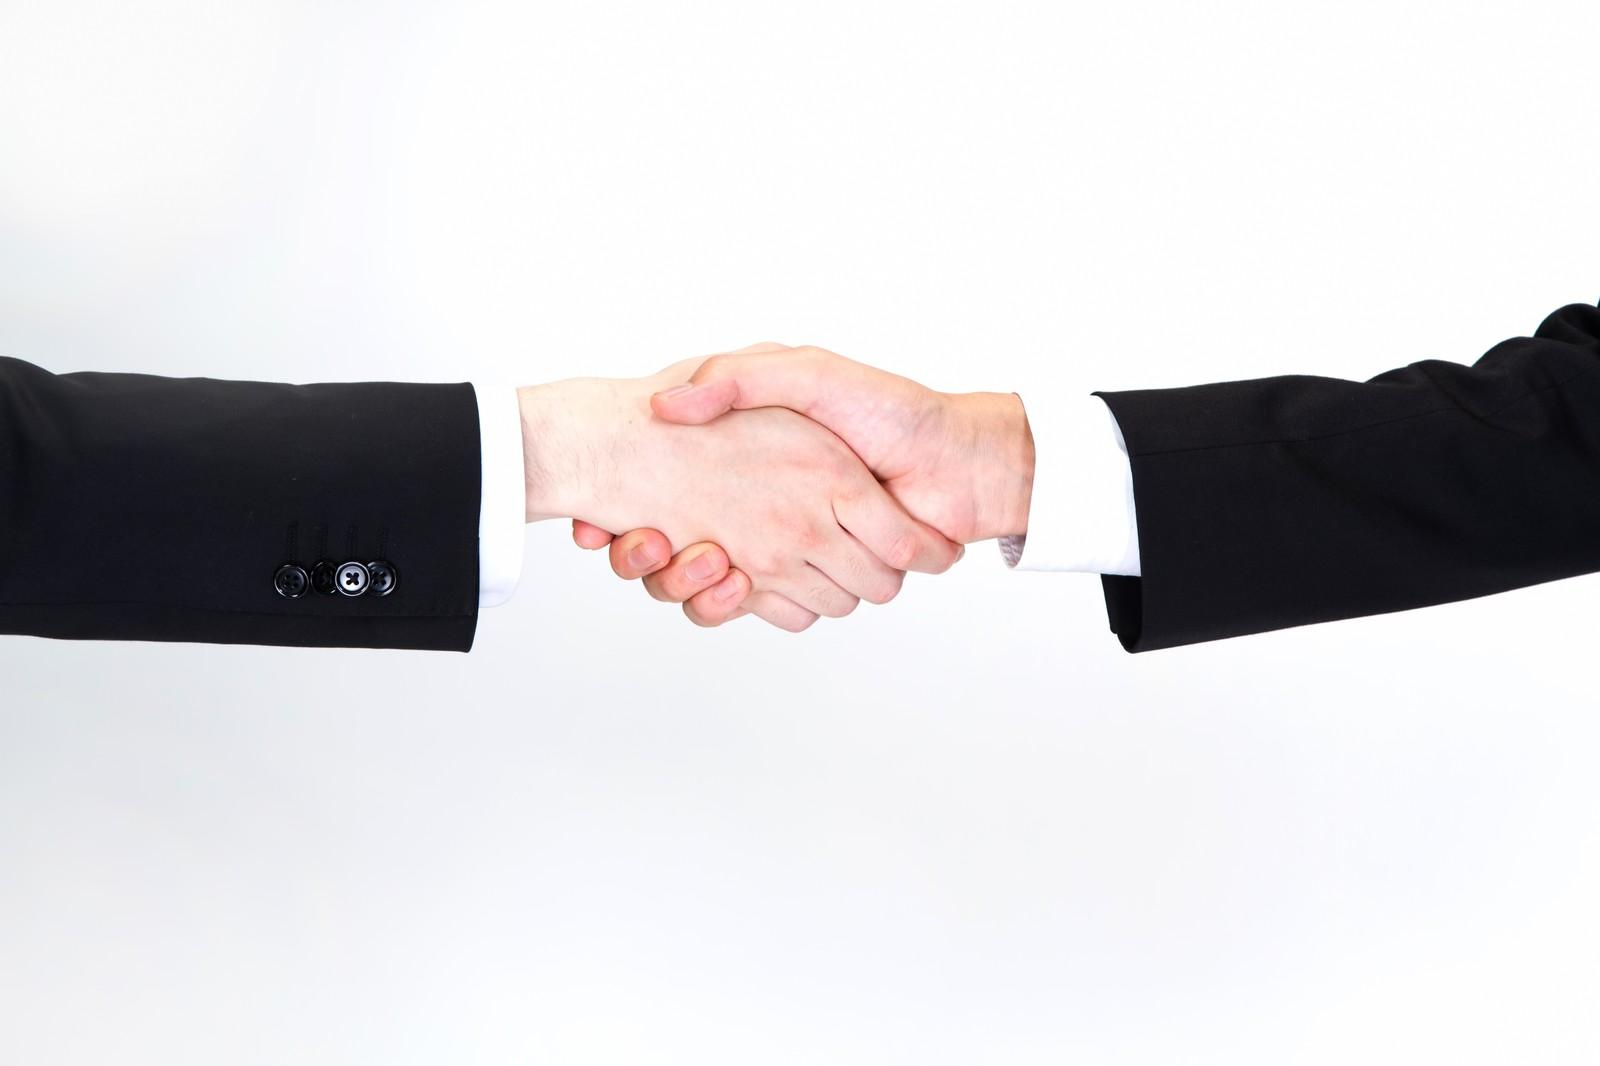 プレズの無料カウンセリングを通して契約を結ぶ握手をする画像